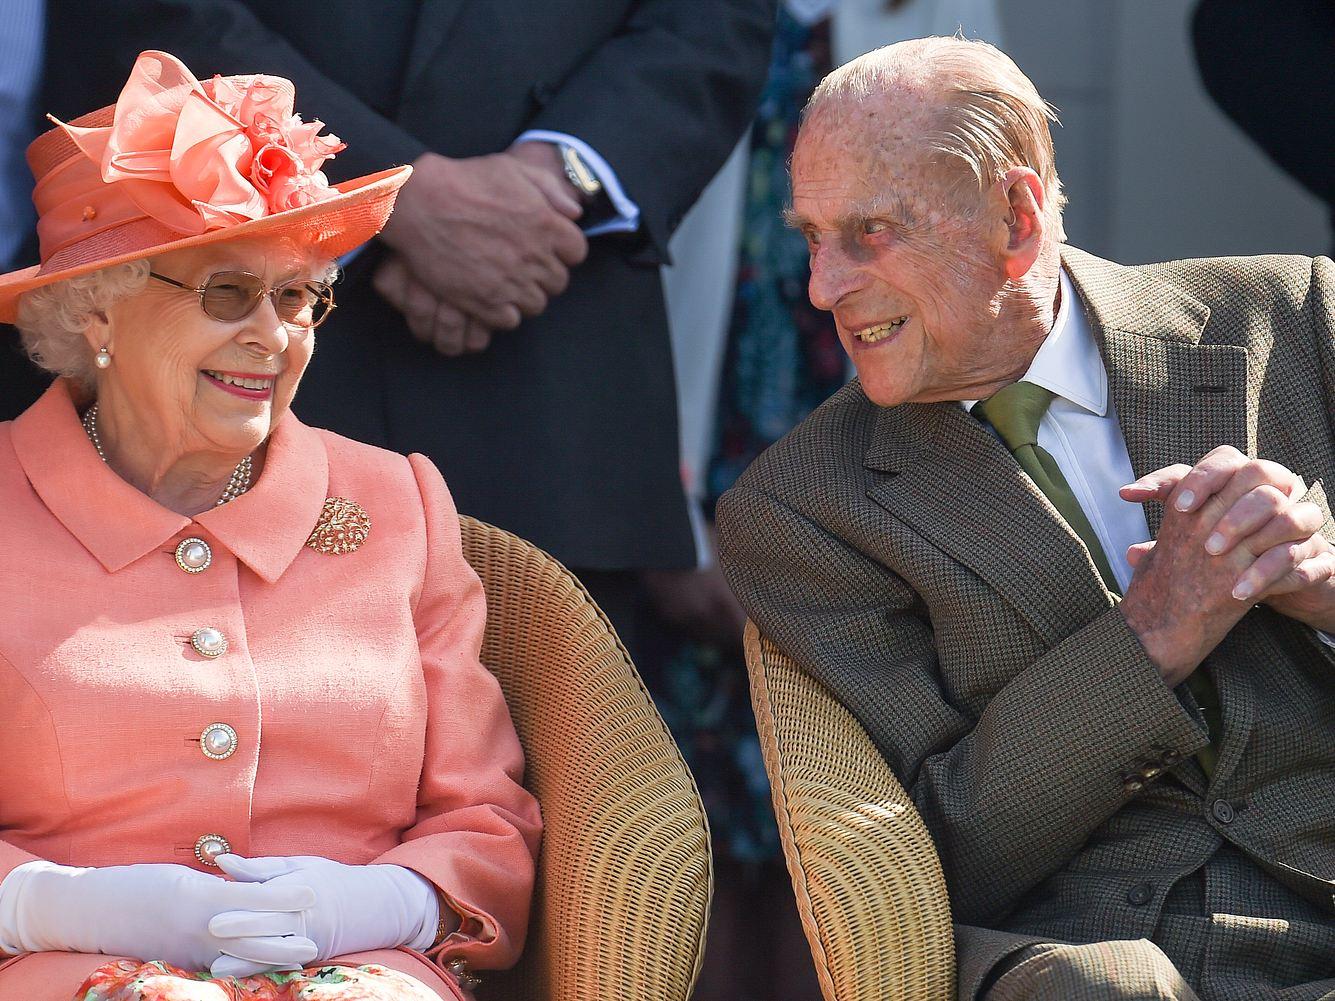 Königin Elisabeth II. und Prinz Philip bei einem Pferderennen in Egham.